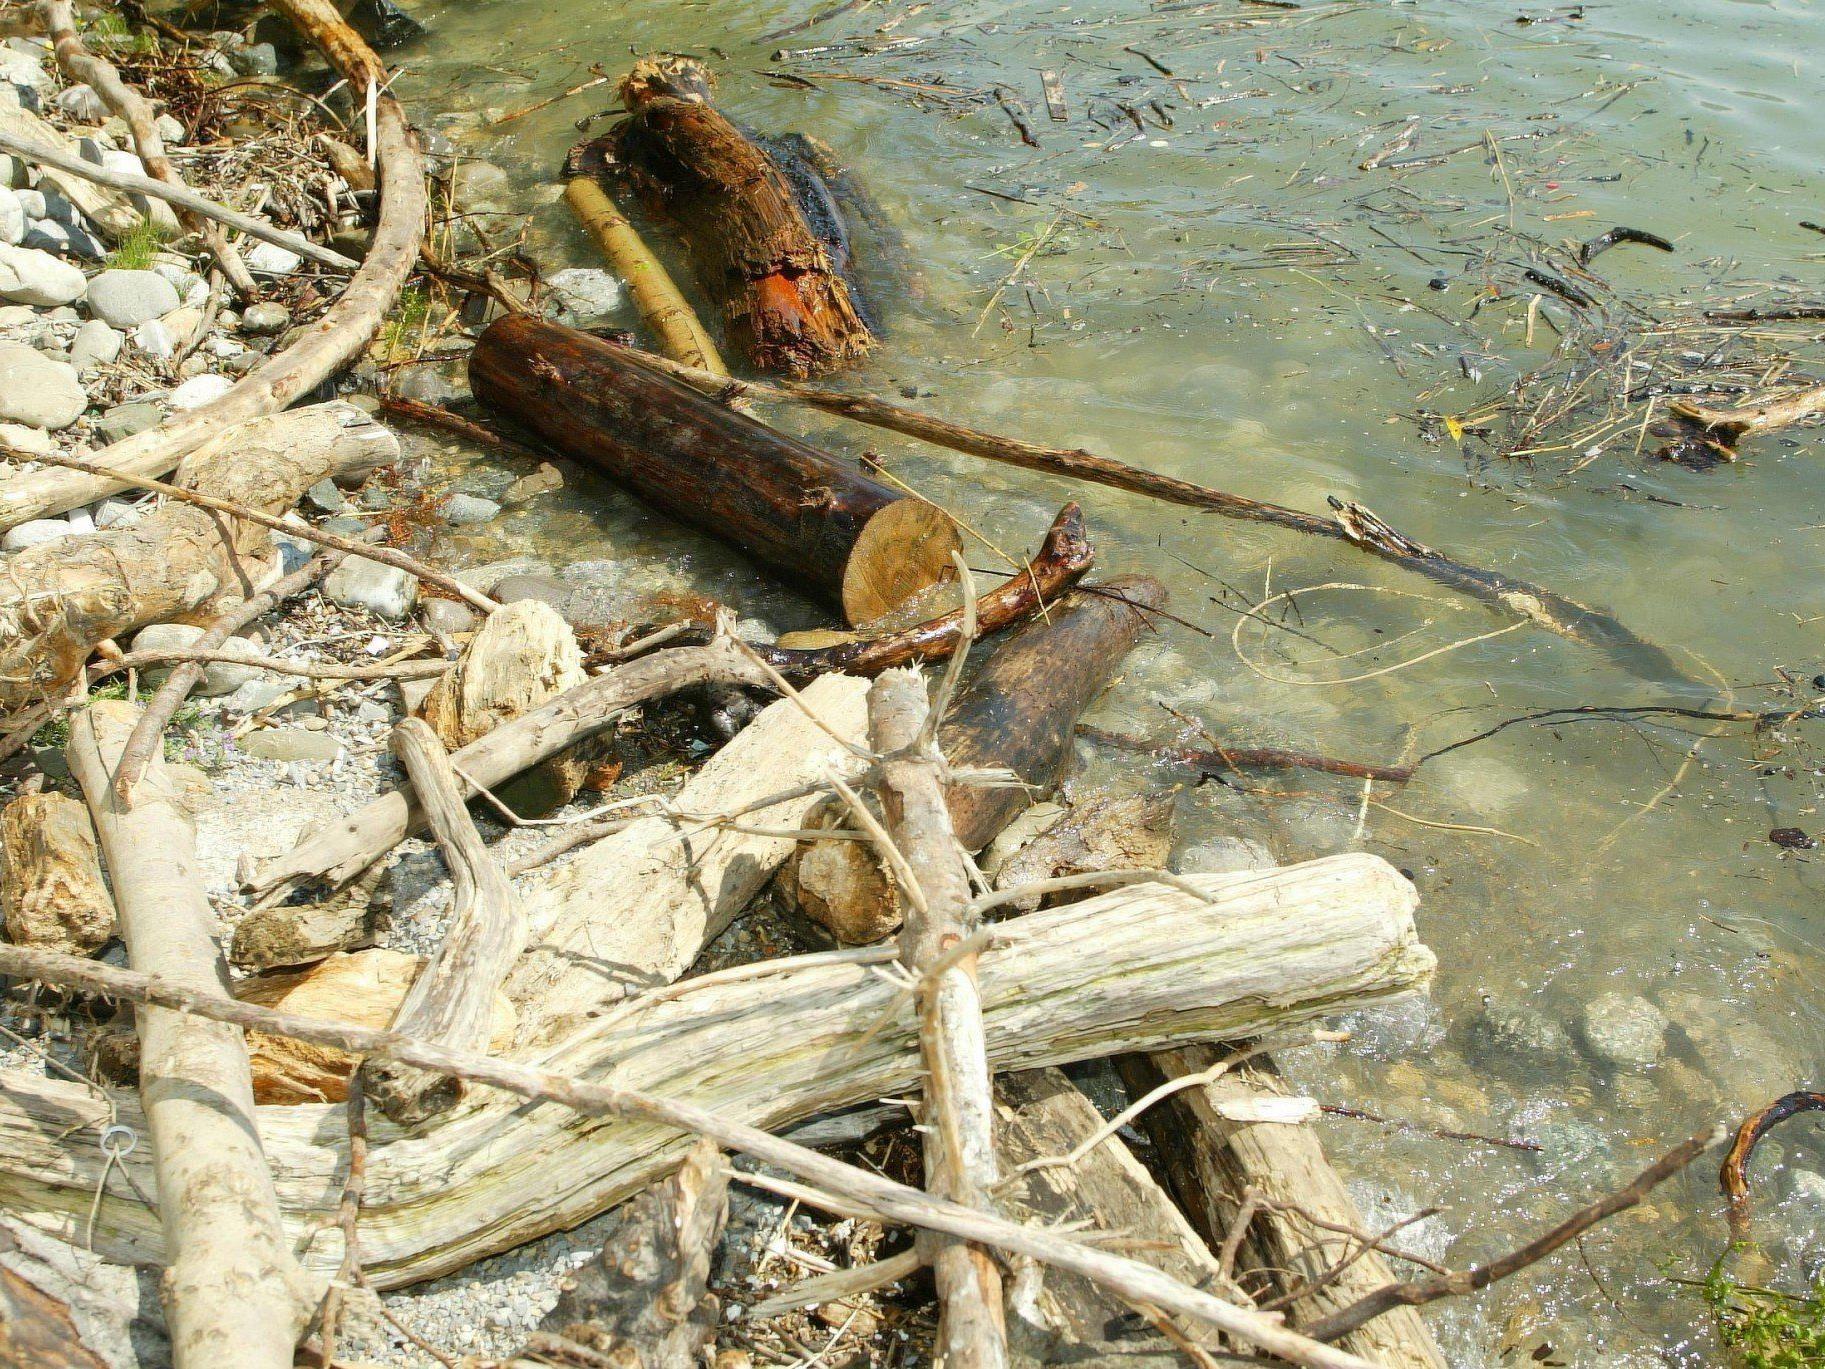 Vier Tote binnen weniger Tage lautet die traurige Bilanz am Bodensee.